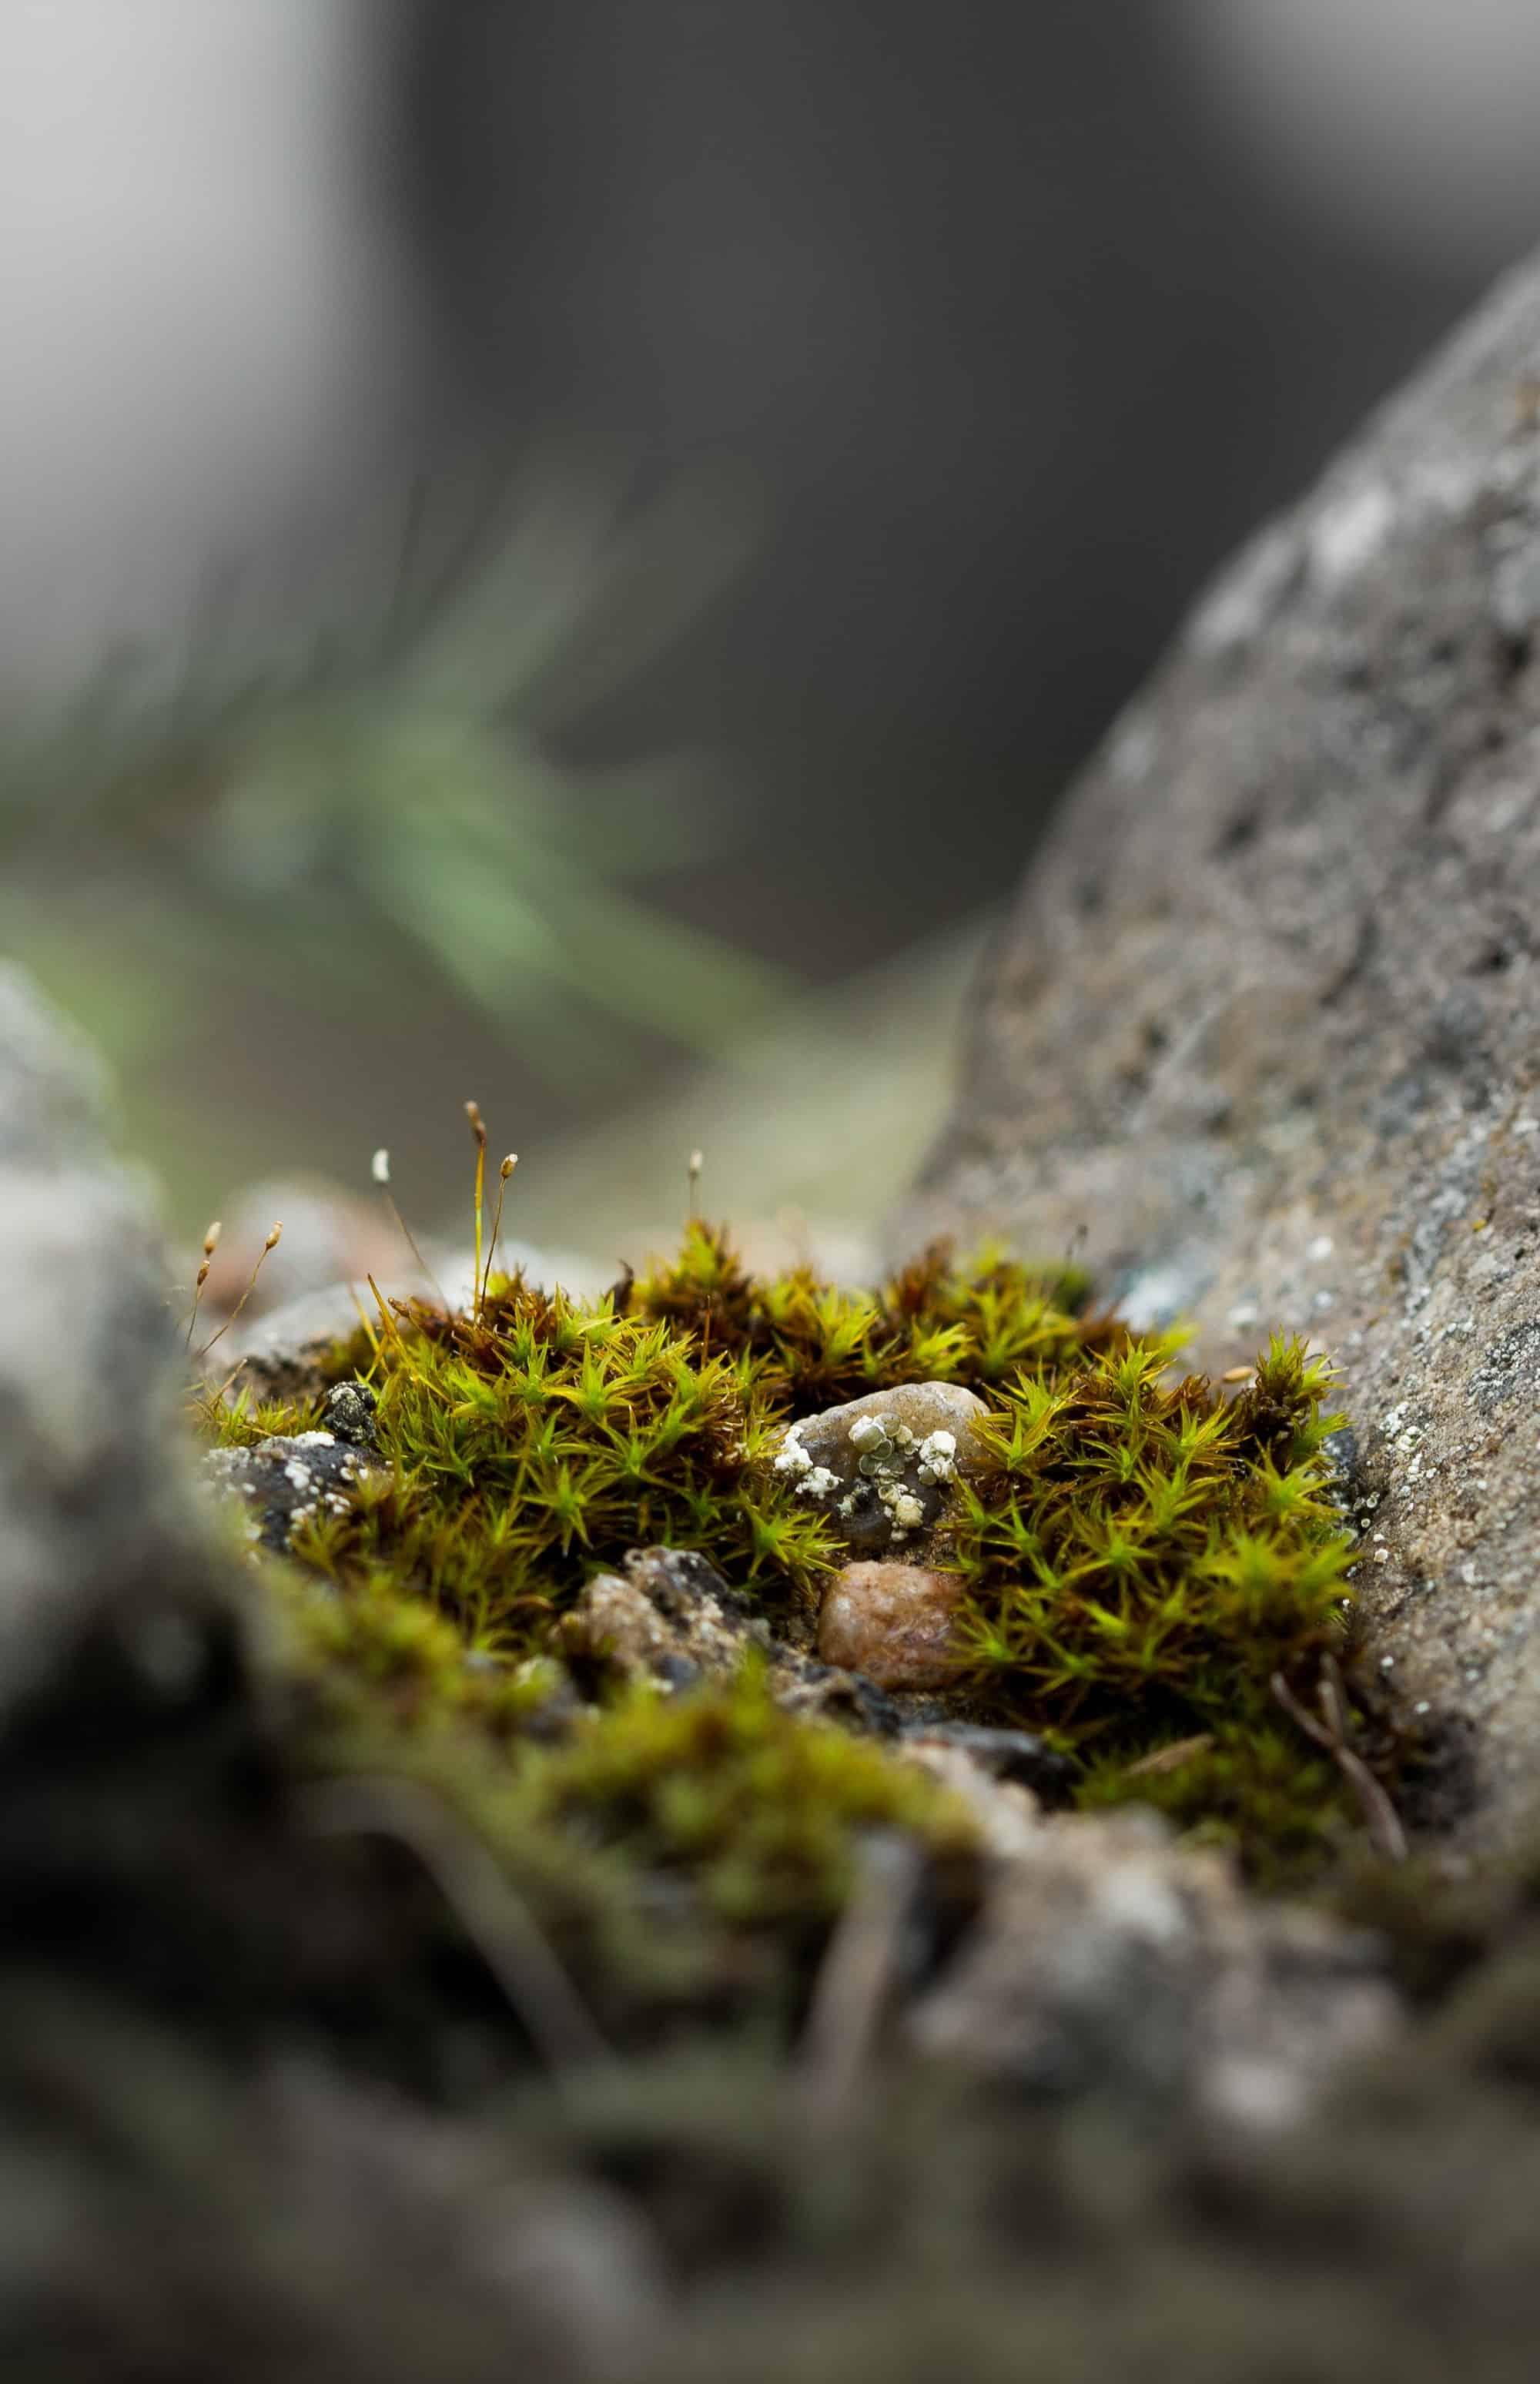 Mossy nook between rocks